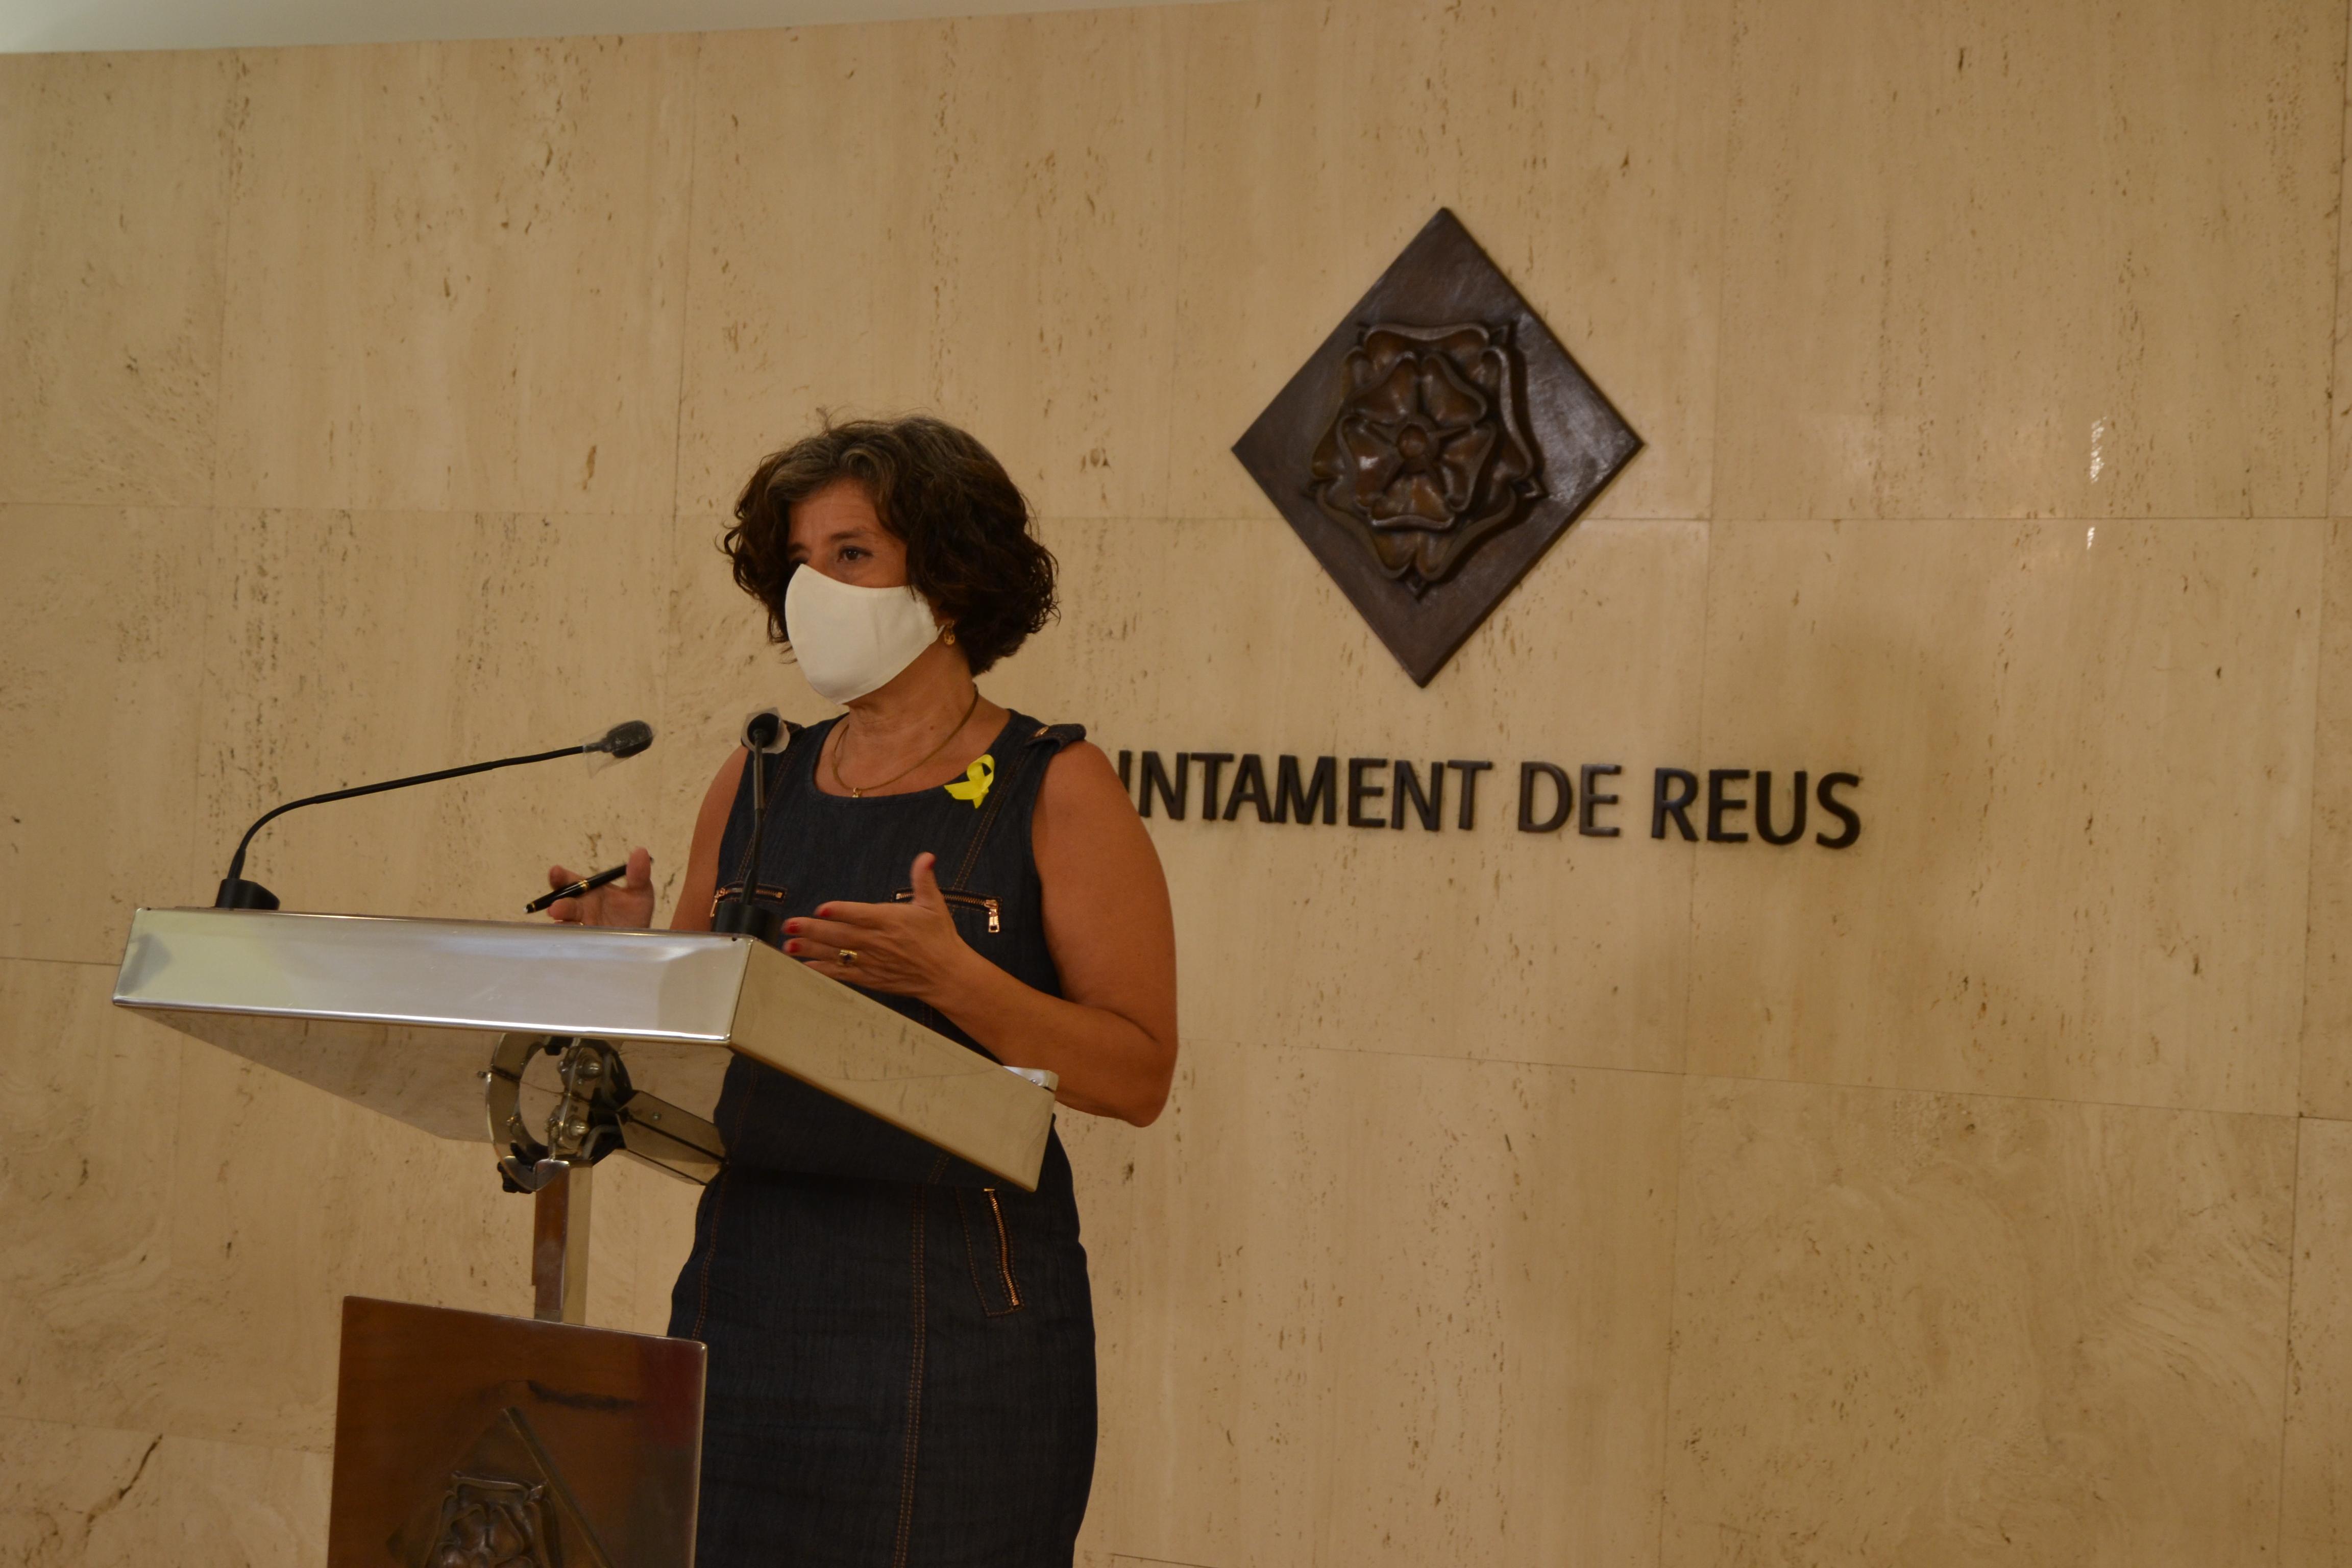 Enguany, amb motiu de la pandèmia, a la ciutat de Reus ha augmentat la quantia de l'ajut pel menjador escolar del curs 2020-2021 que rebr�...